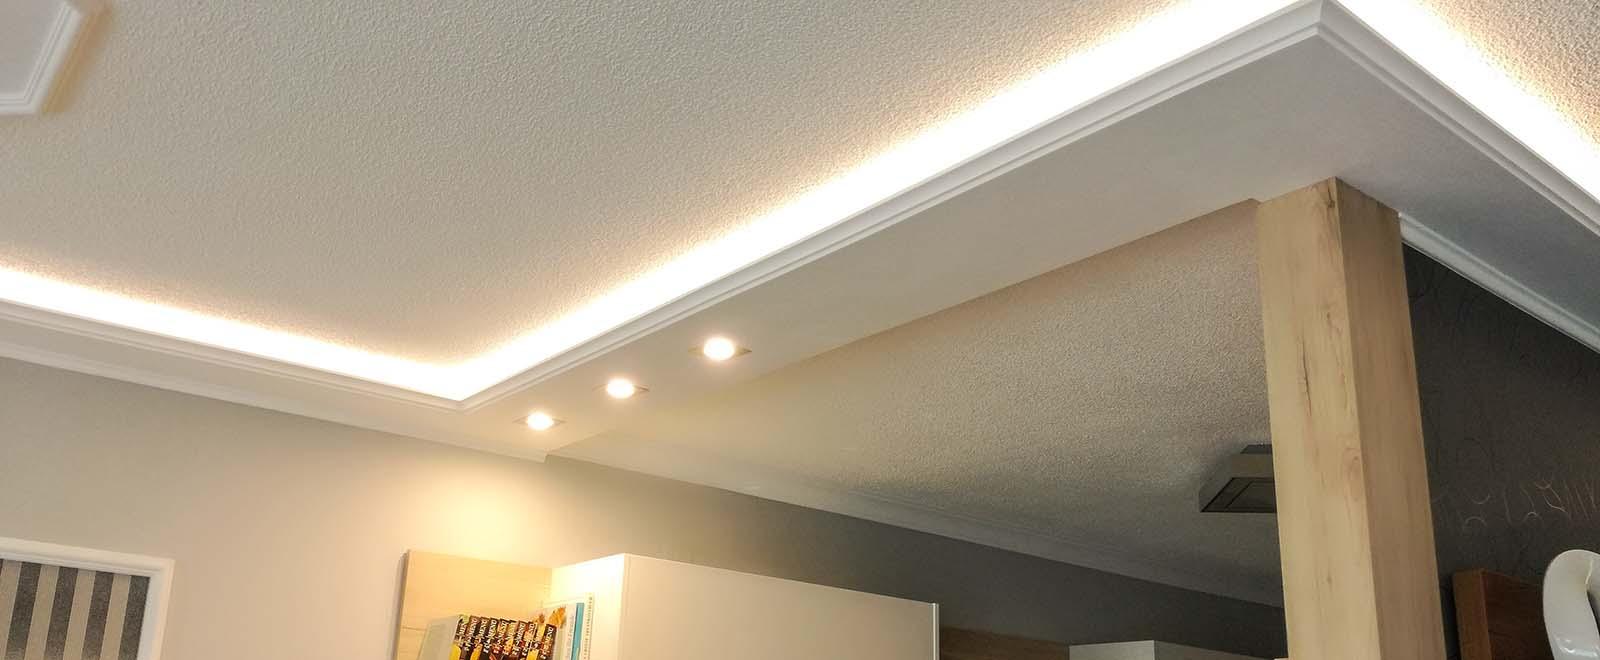 Sonderanfertigung der Stuckleiste WDKL-200C-PR als Deckenprofil für direkte und indirekte LED Beleuchtung.